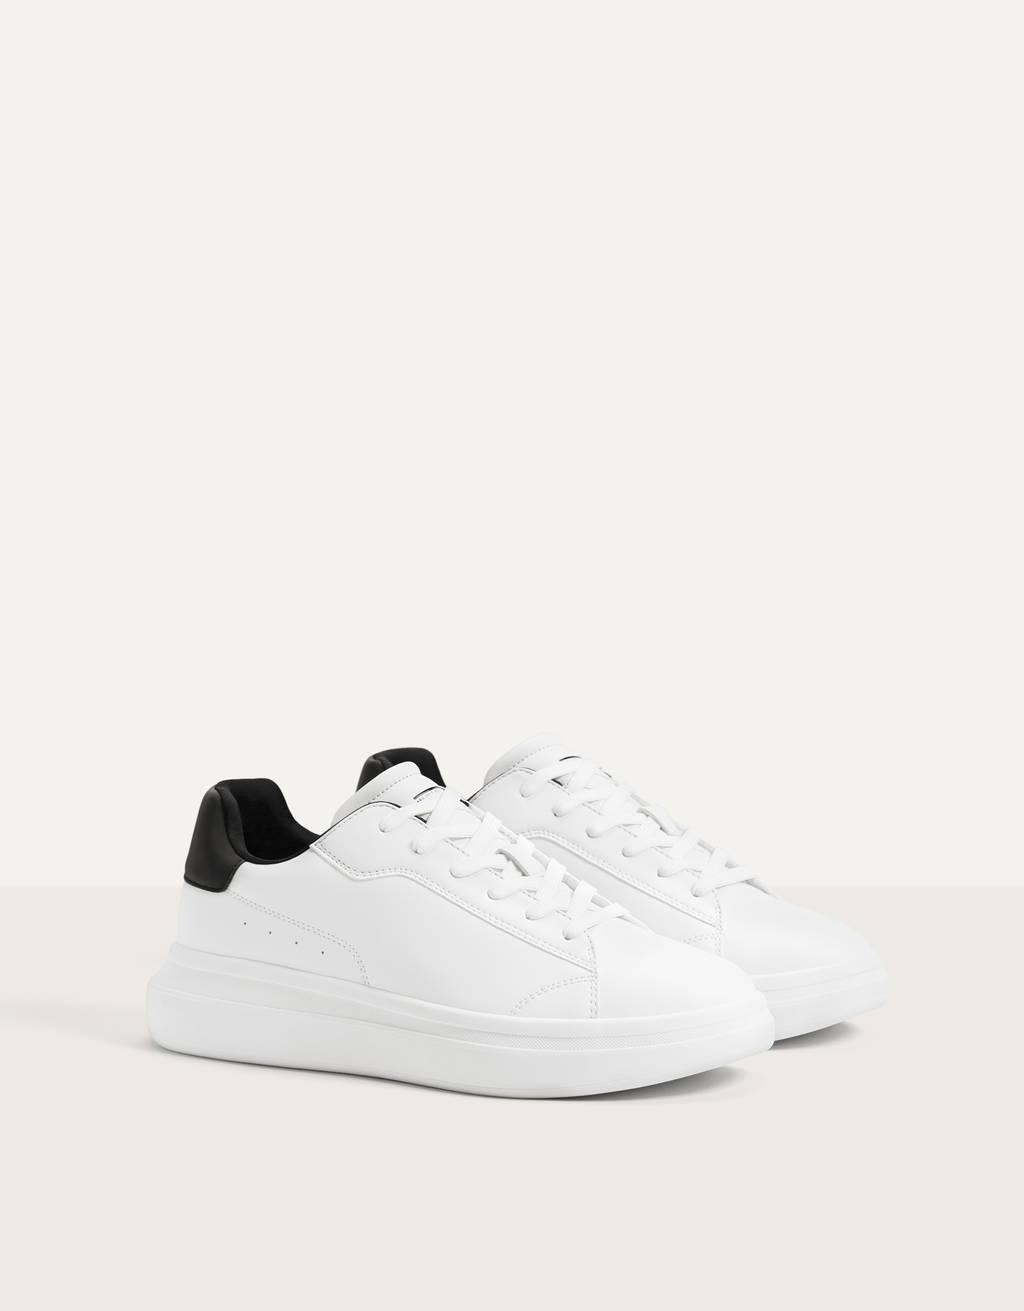 Sneakers tallone riflettente uomo